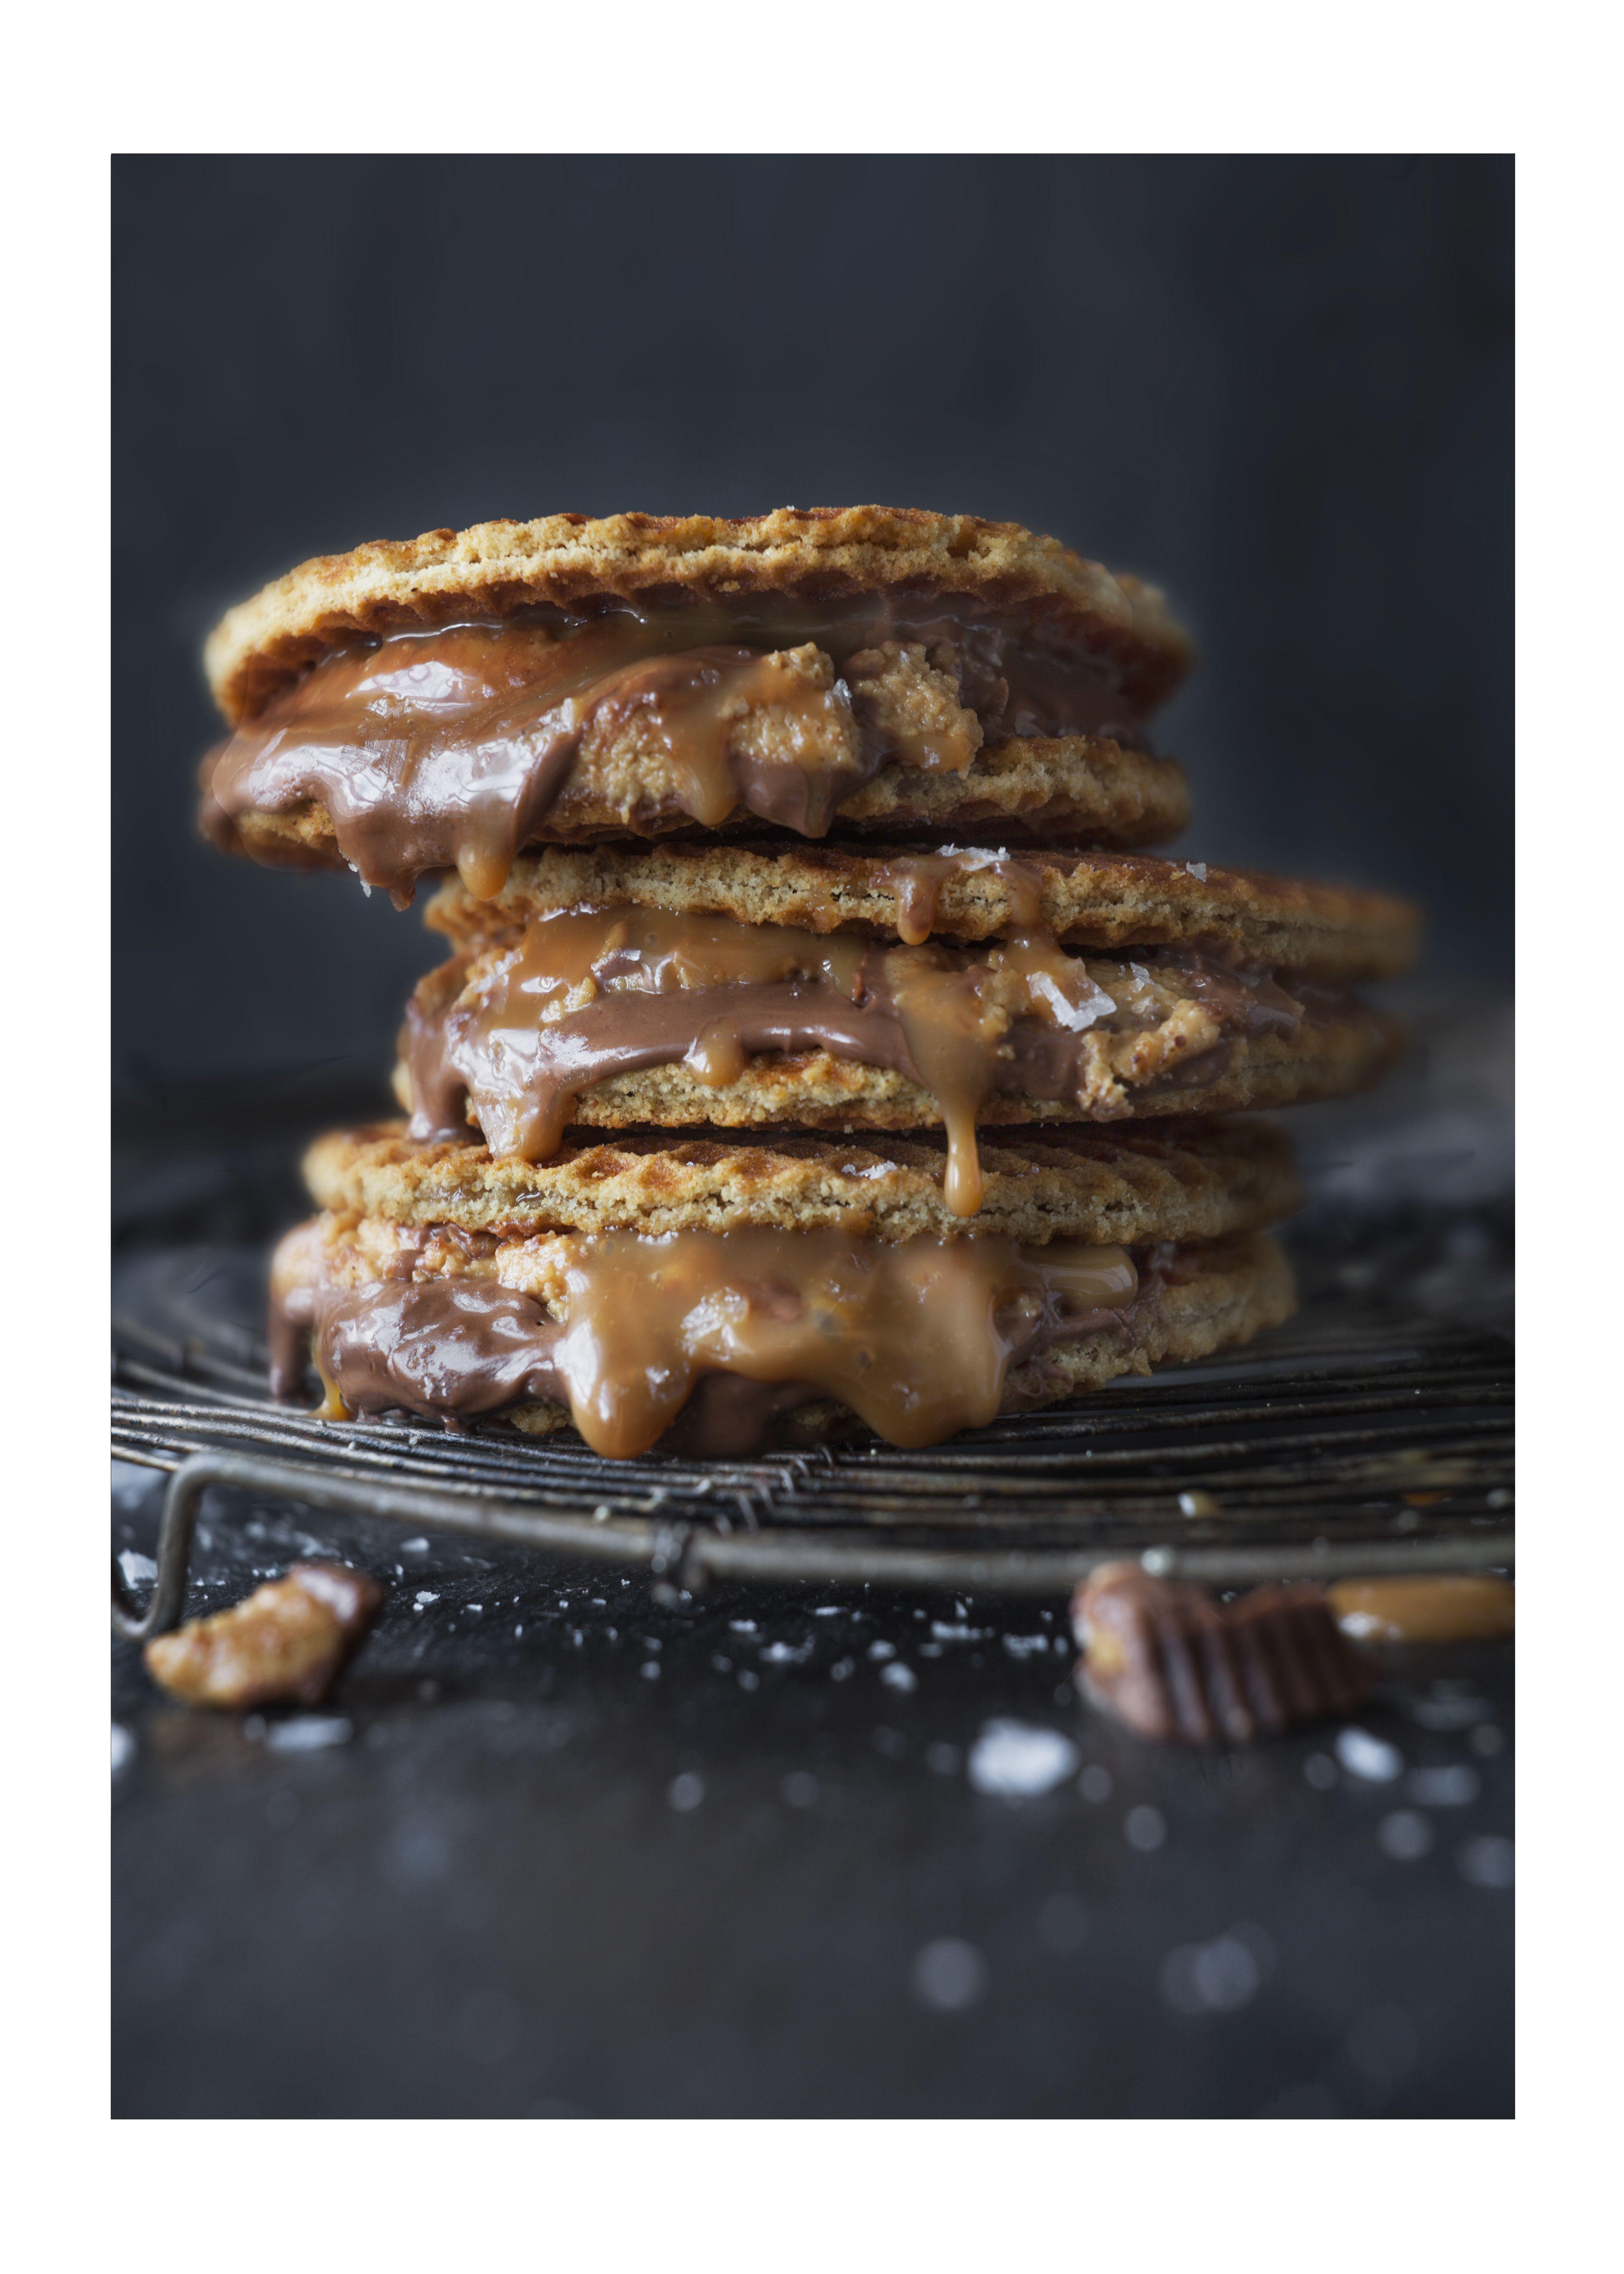 Salted caramel peanut butter smores recipe pinterest toffee salted caramel peanut butter smores recipe pinterest toffee crackers and marshmallow forumfinder Images